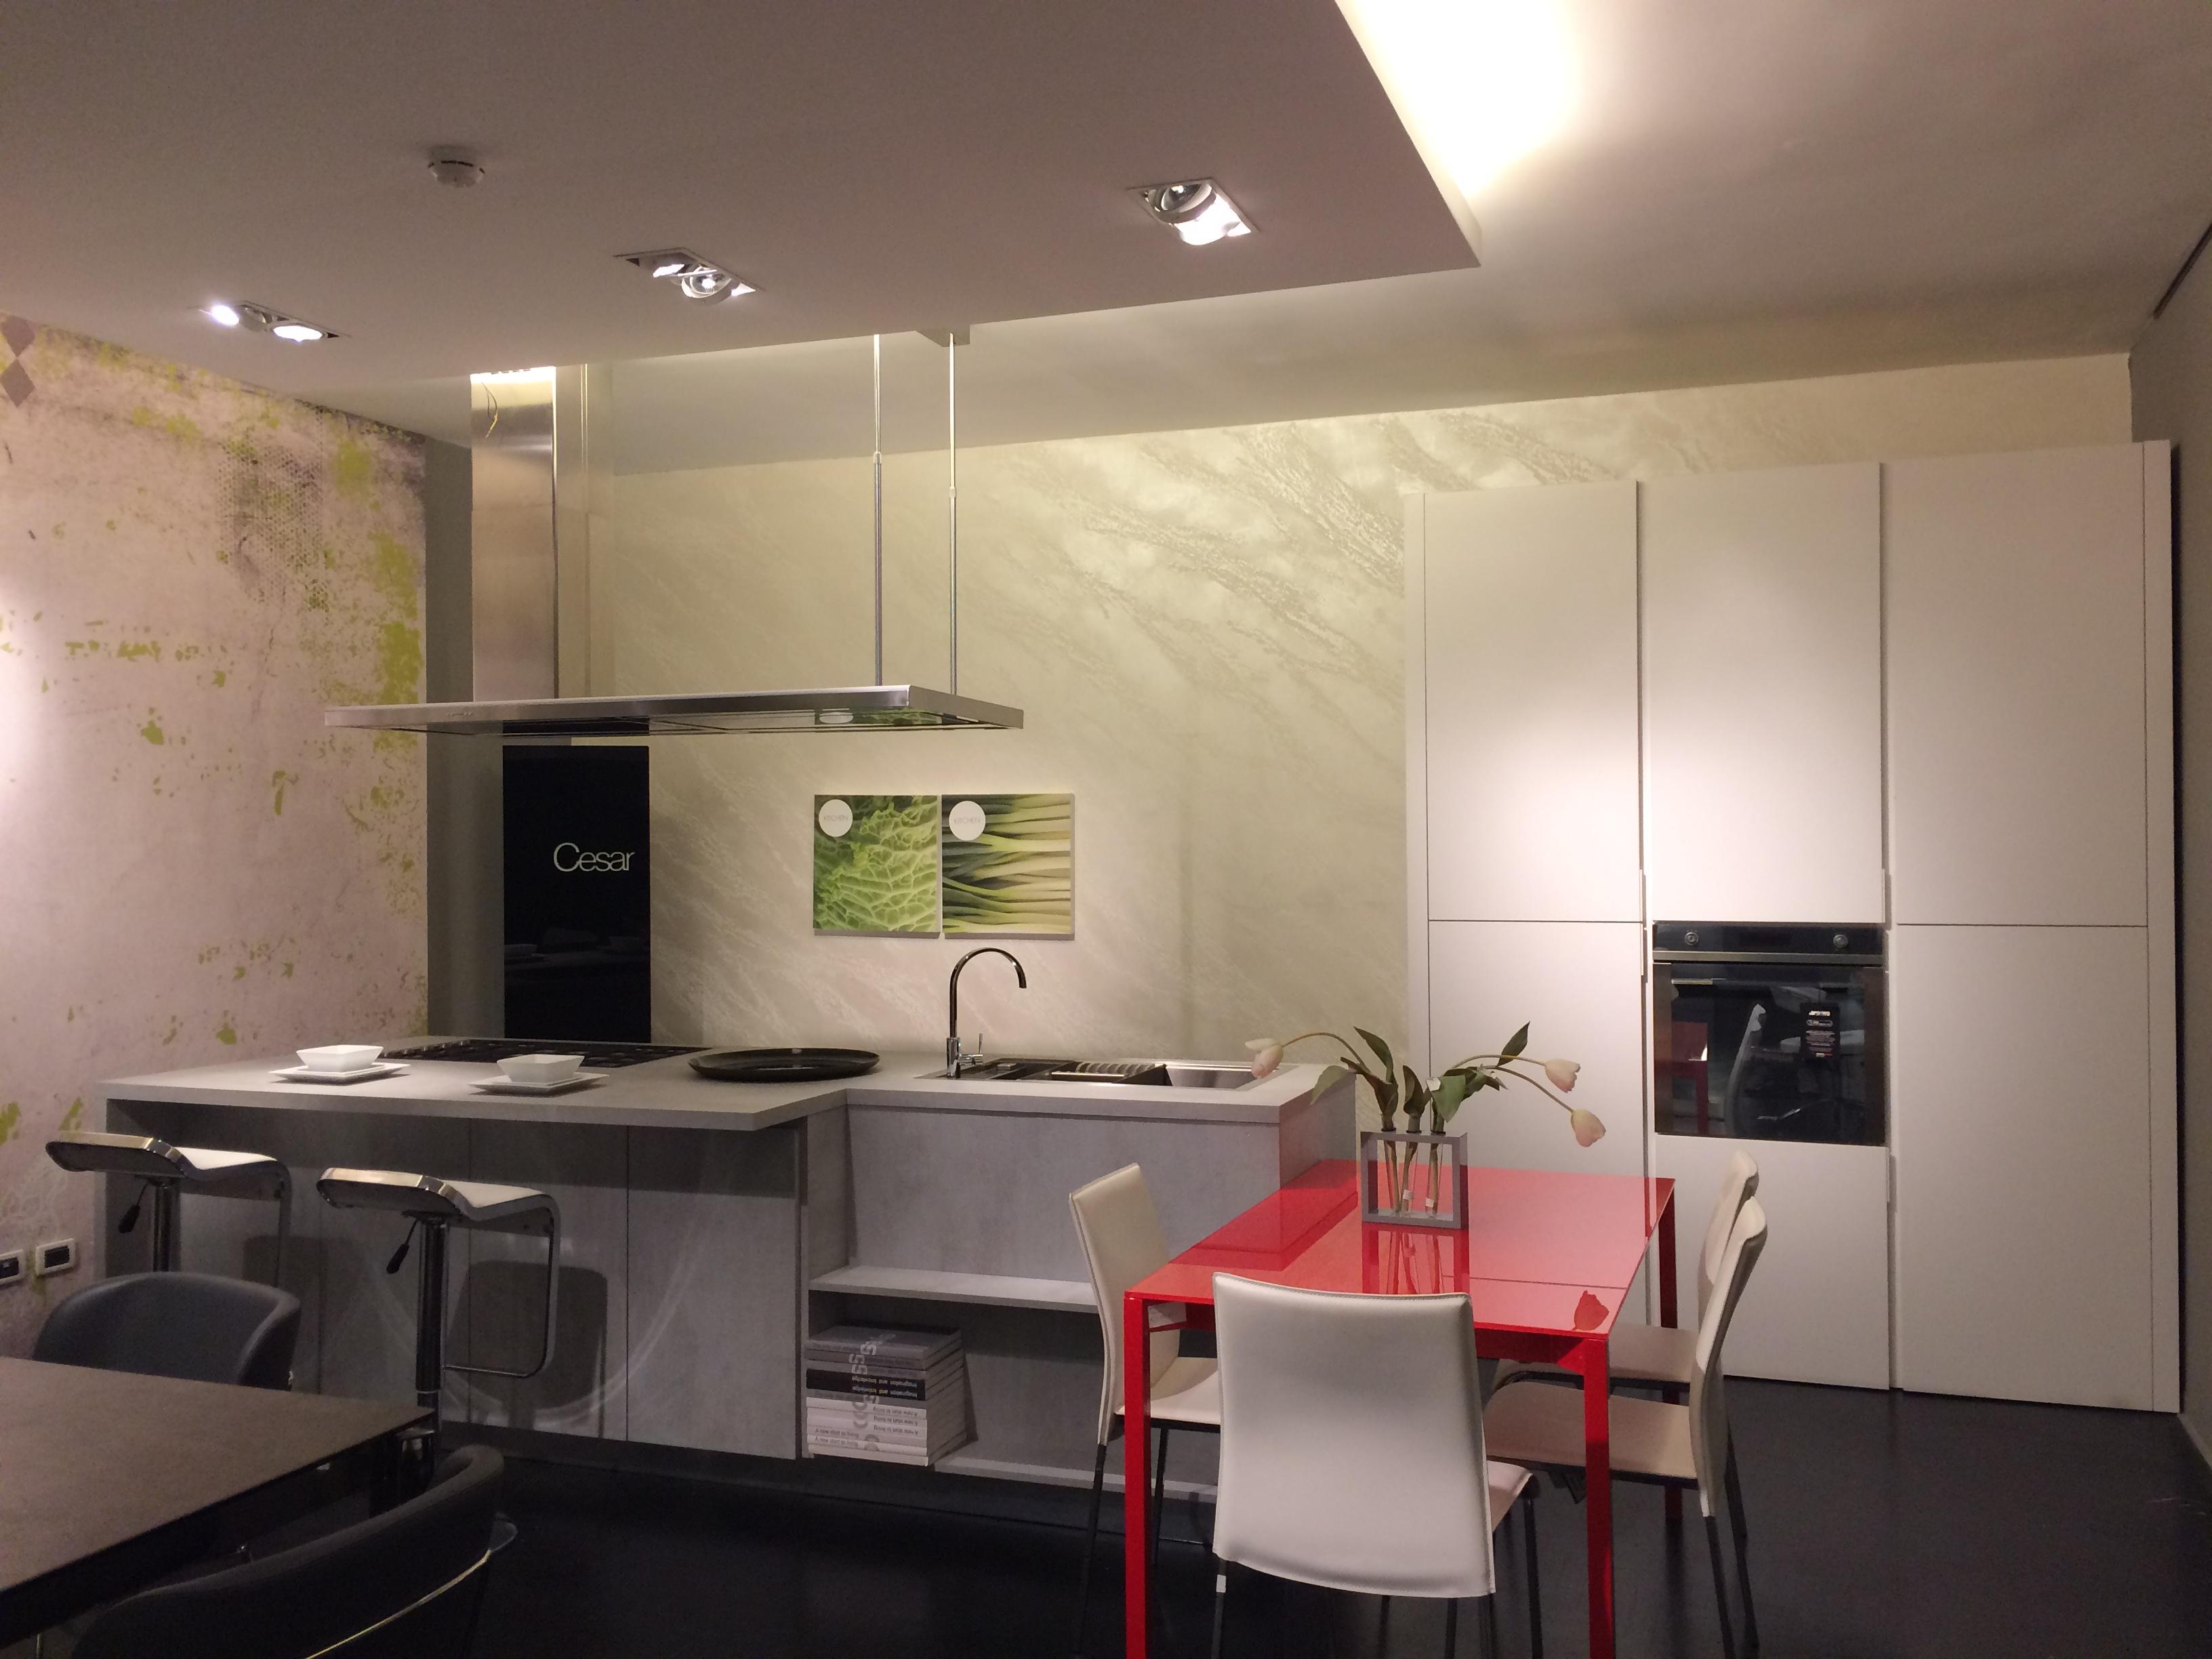 Cucina Maxima 2.2: Da Pizzimenti Home il nuovo modello Cesar accattivante e contemporaneo